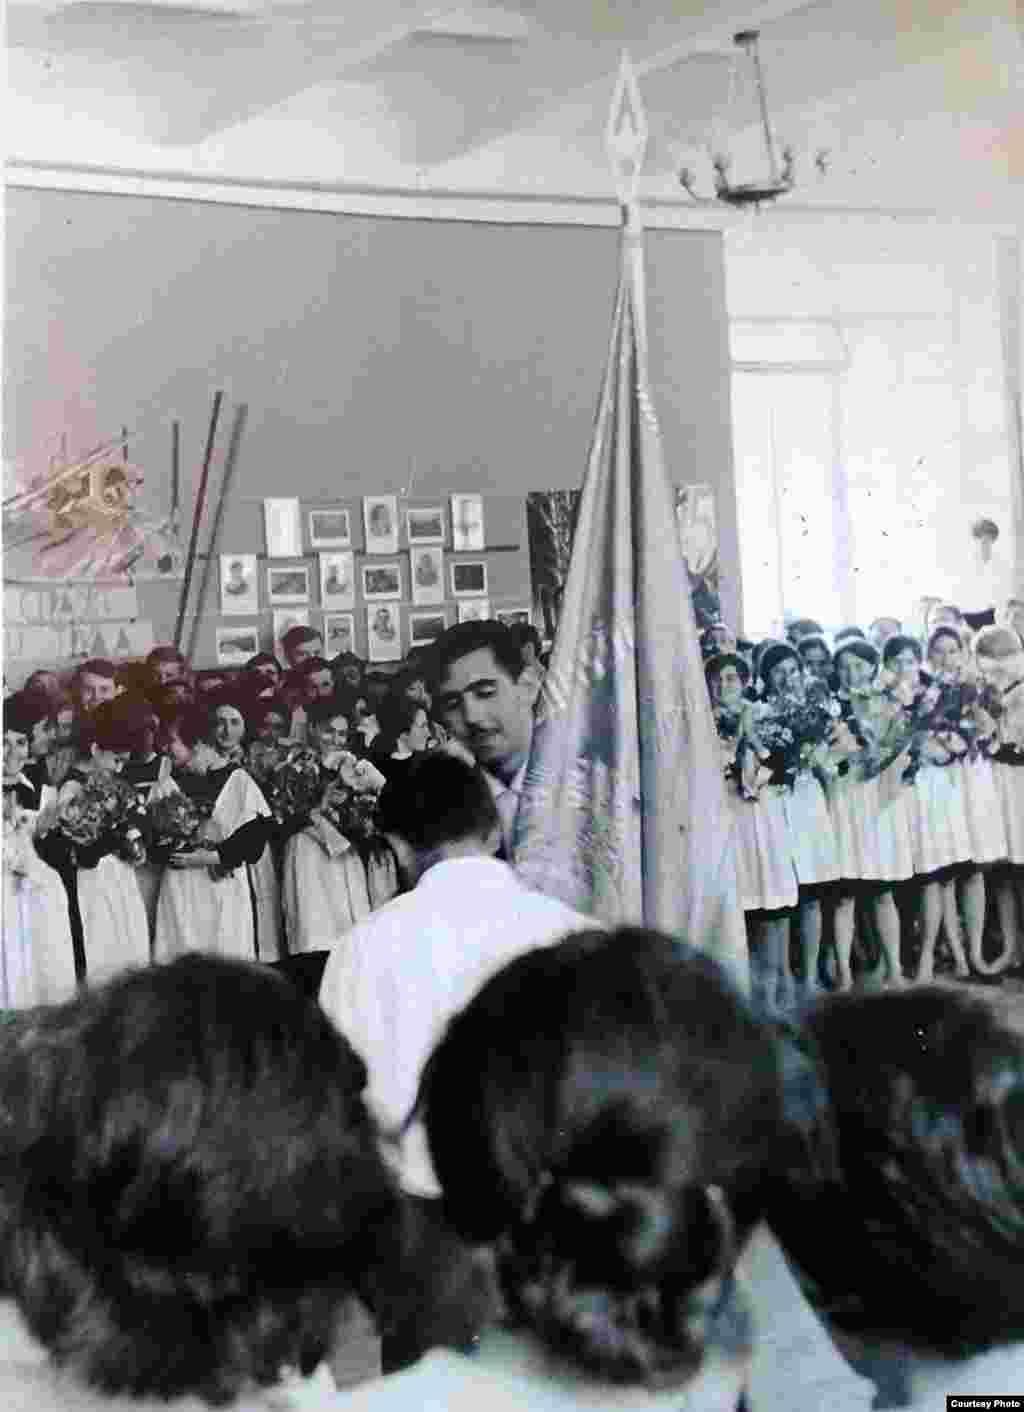 Ghenadi Babaean înmânează stema școlii la ceremonia de absolvire a clasei 11. Sumgait, Azerbaidjan, 1965